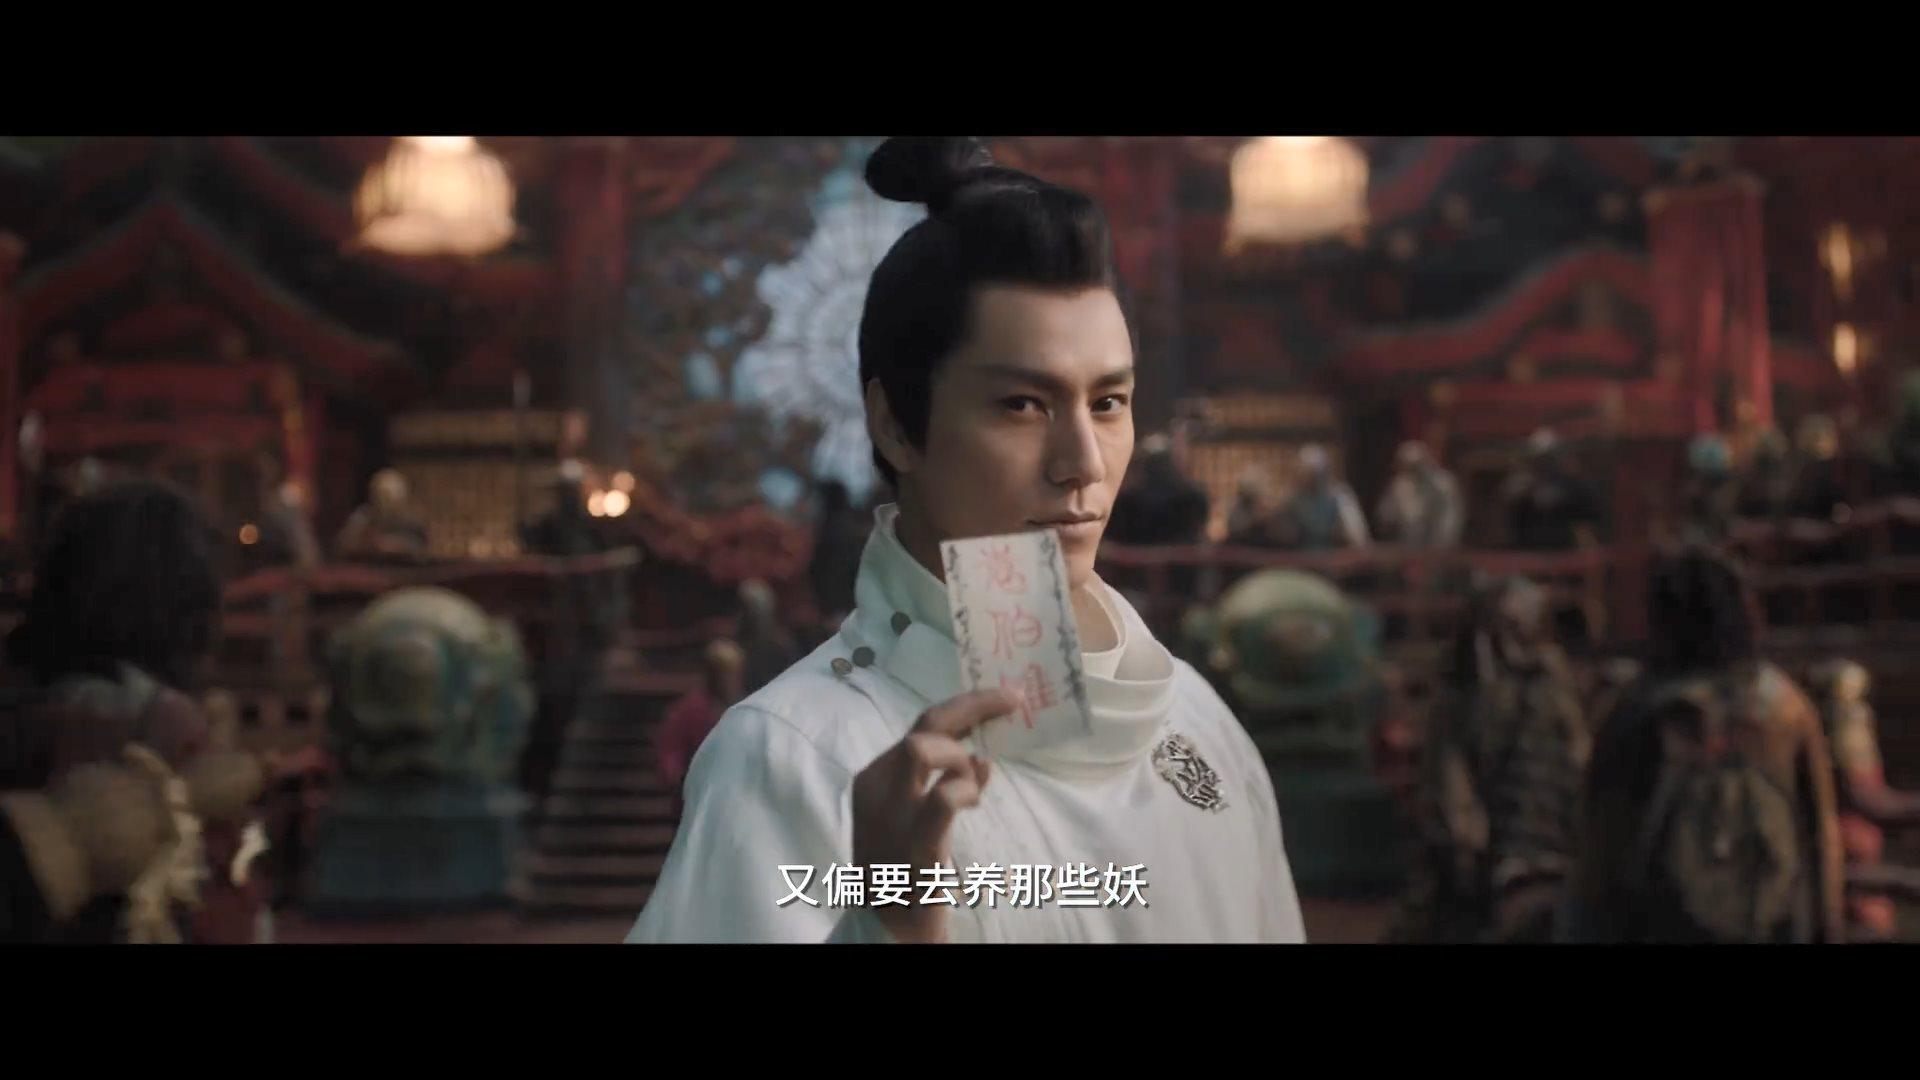 网易手游《阴阳师》改编电影《侍神令》发布正式预告